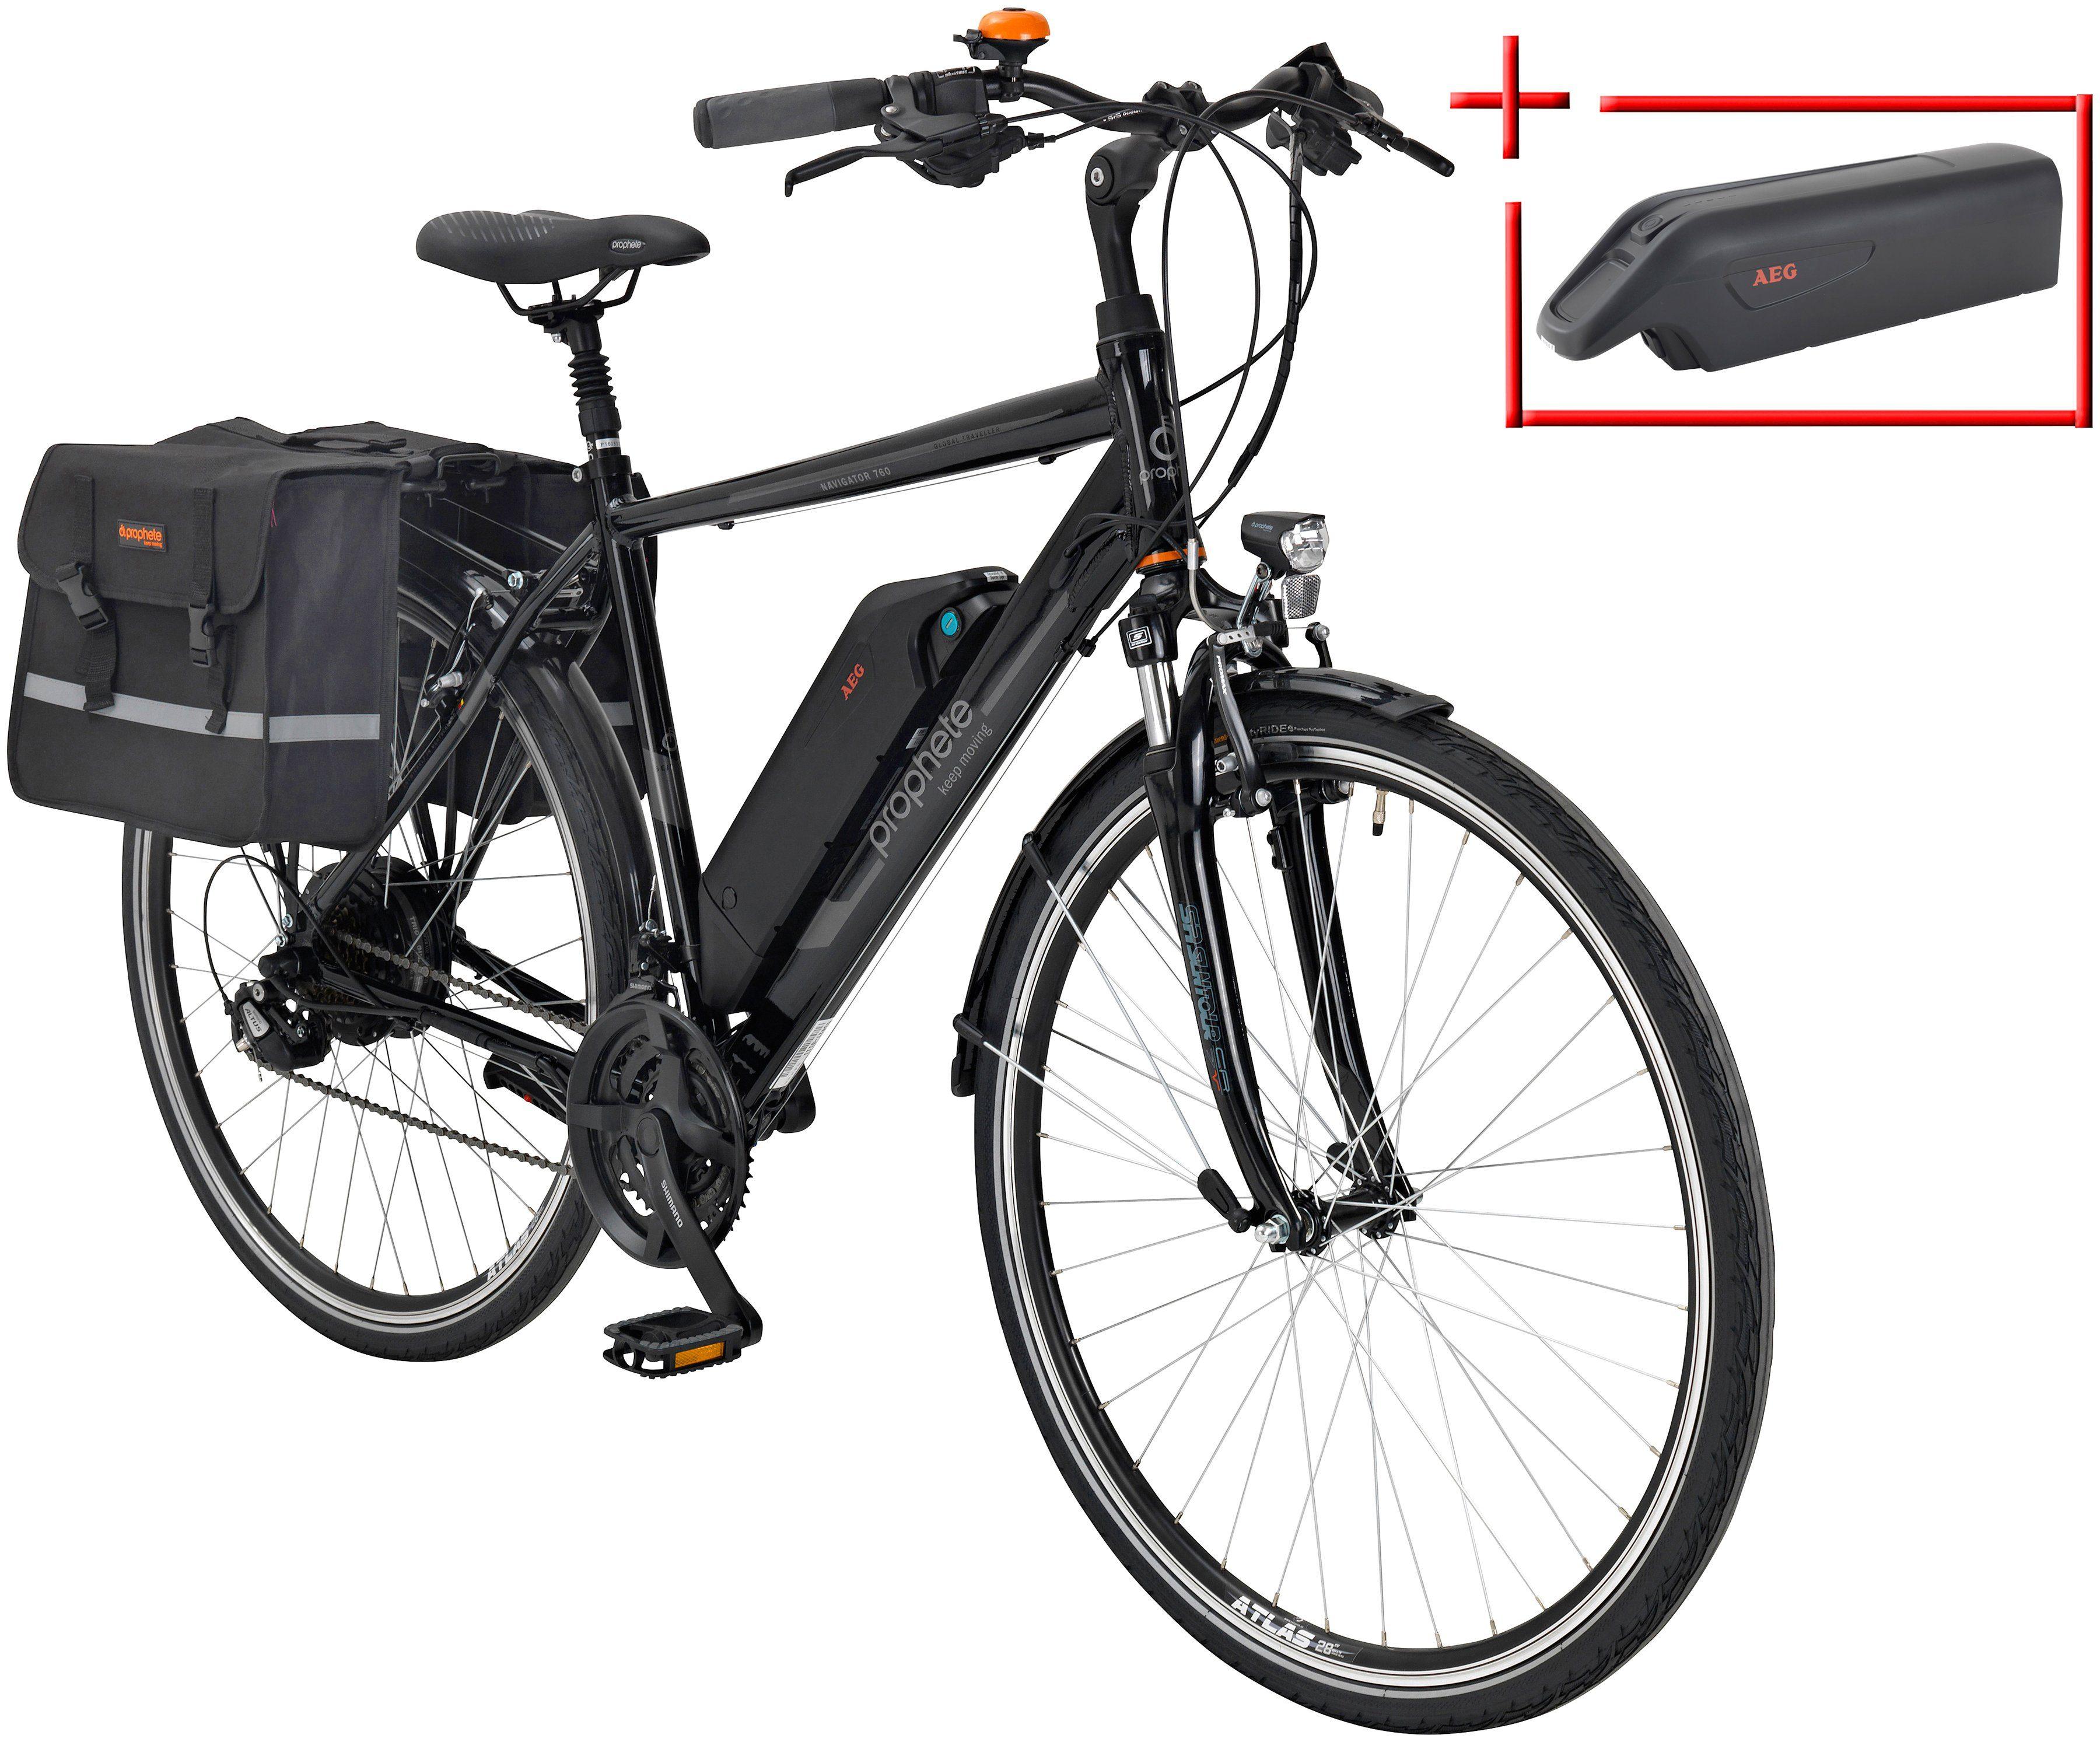 Prophete E-Bike Trekking Herren »Navigator 760«, 28 Zoll, 24-Gang, Heckmotor, 374 Wh